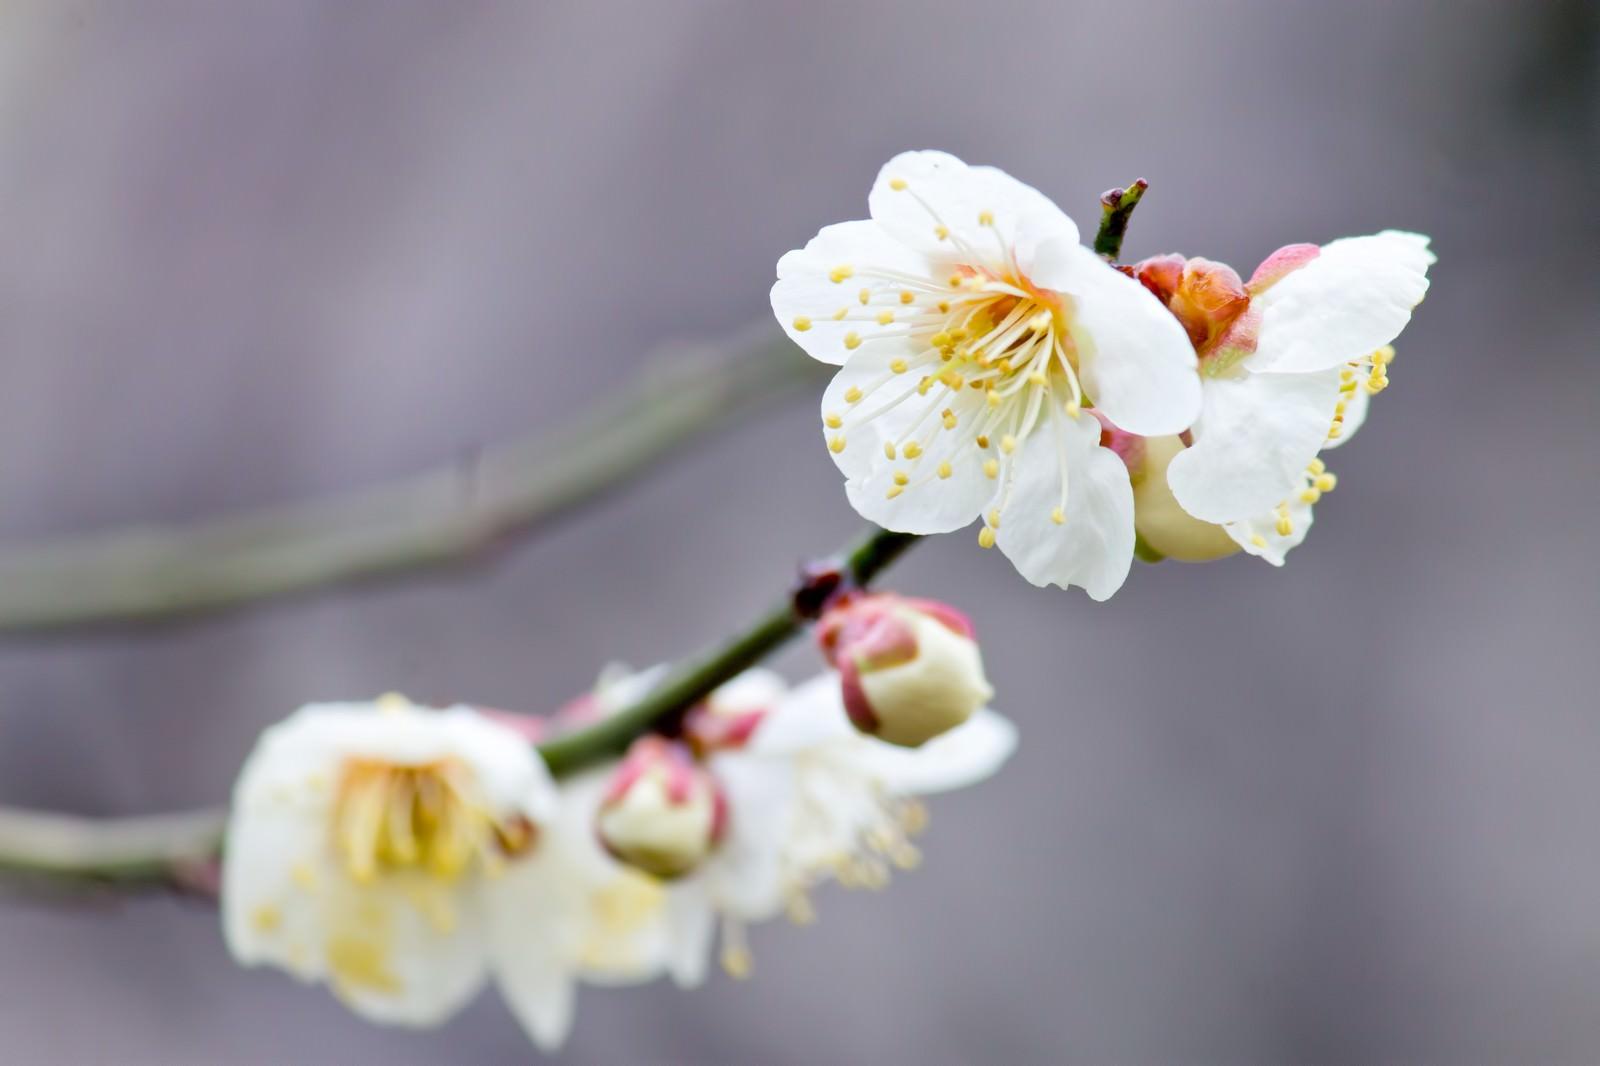 「枝に花咲く梅の花」の写真